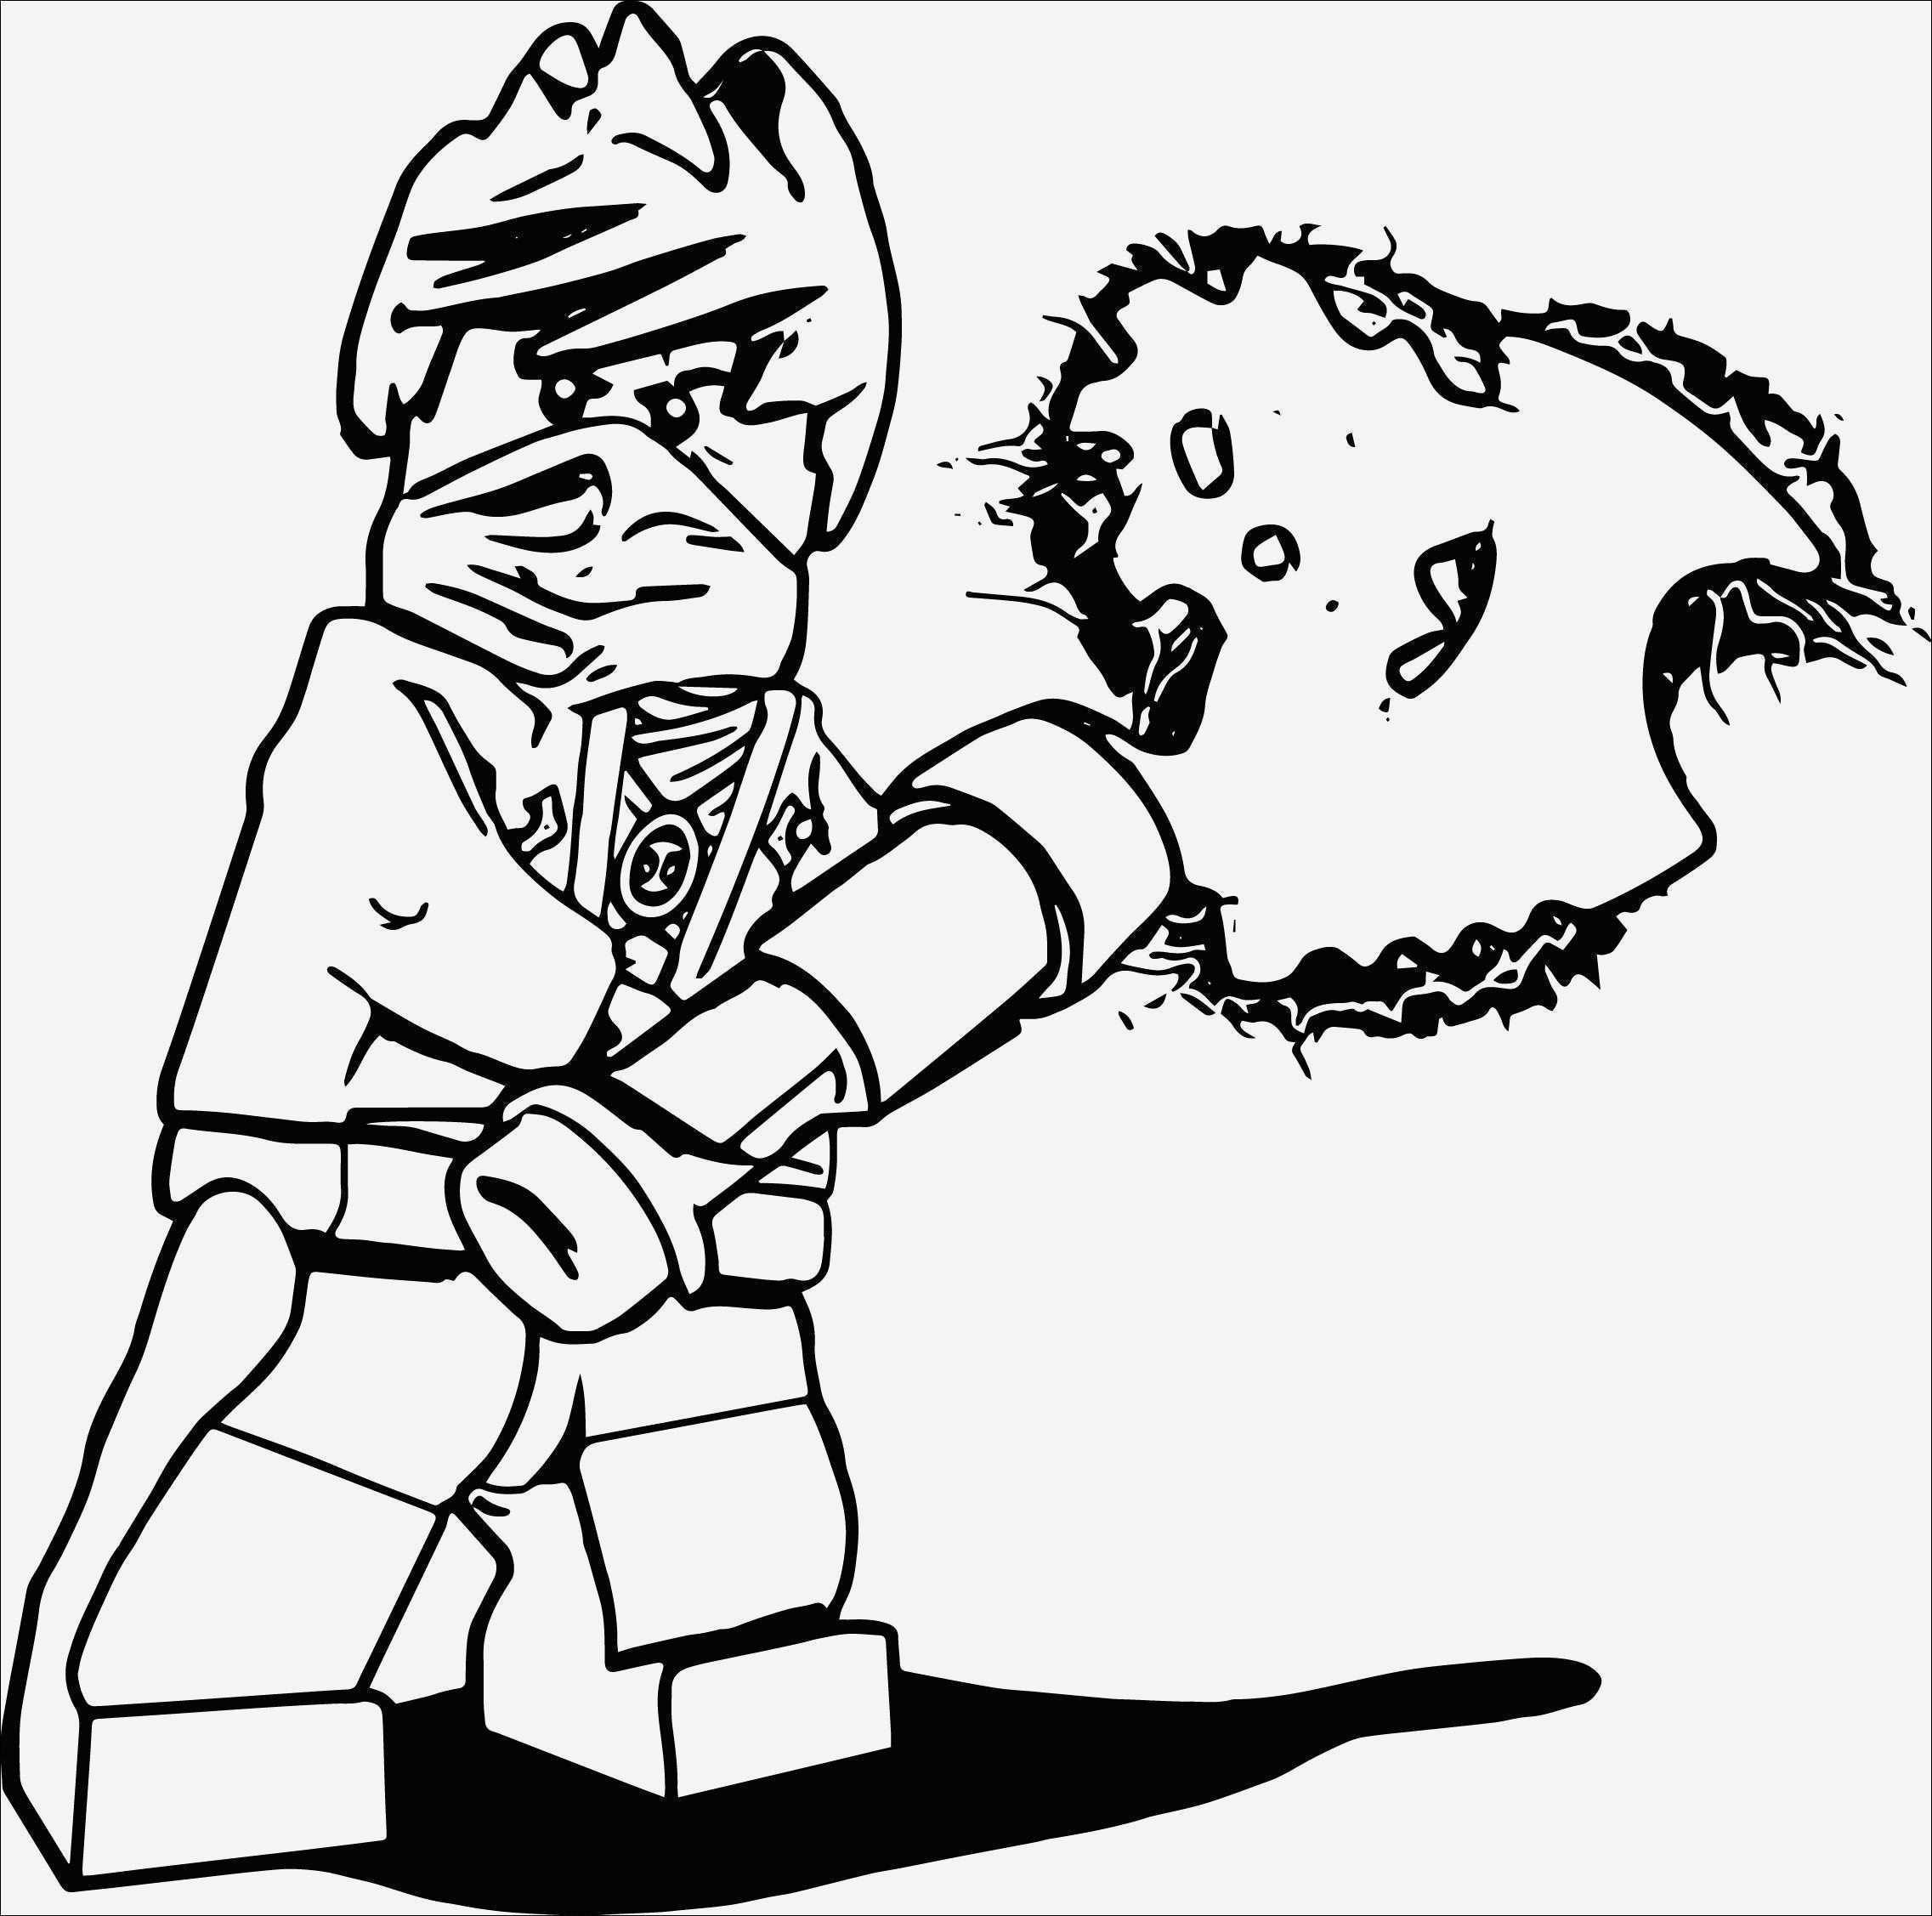 Minecraft Ausmalbilder Schwert Neu Martin Luther Ausmalbilder Bildnis 35 Ausmalbilder Minecraft Schwert Stock